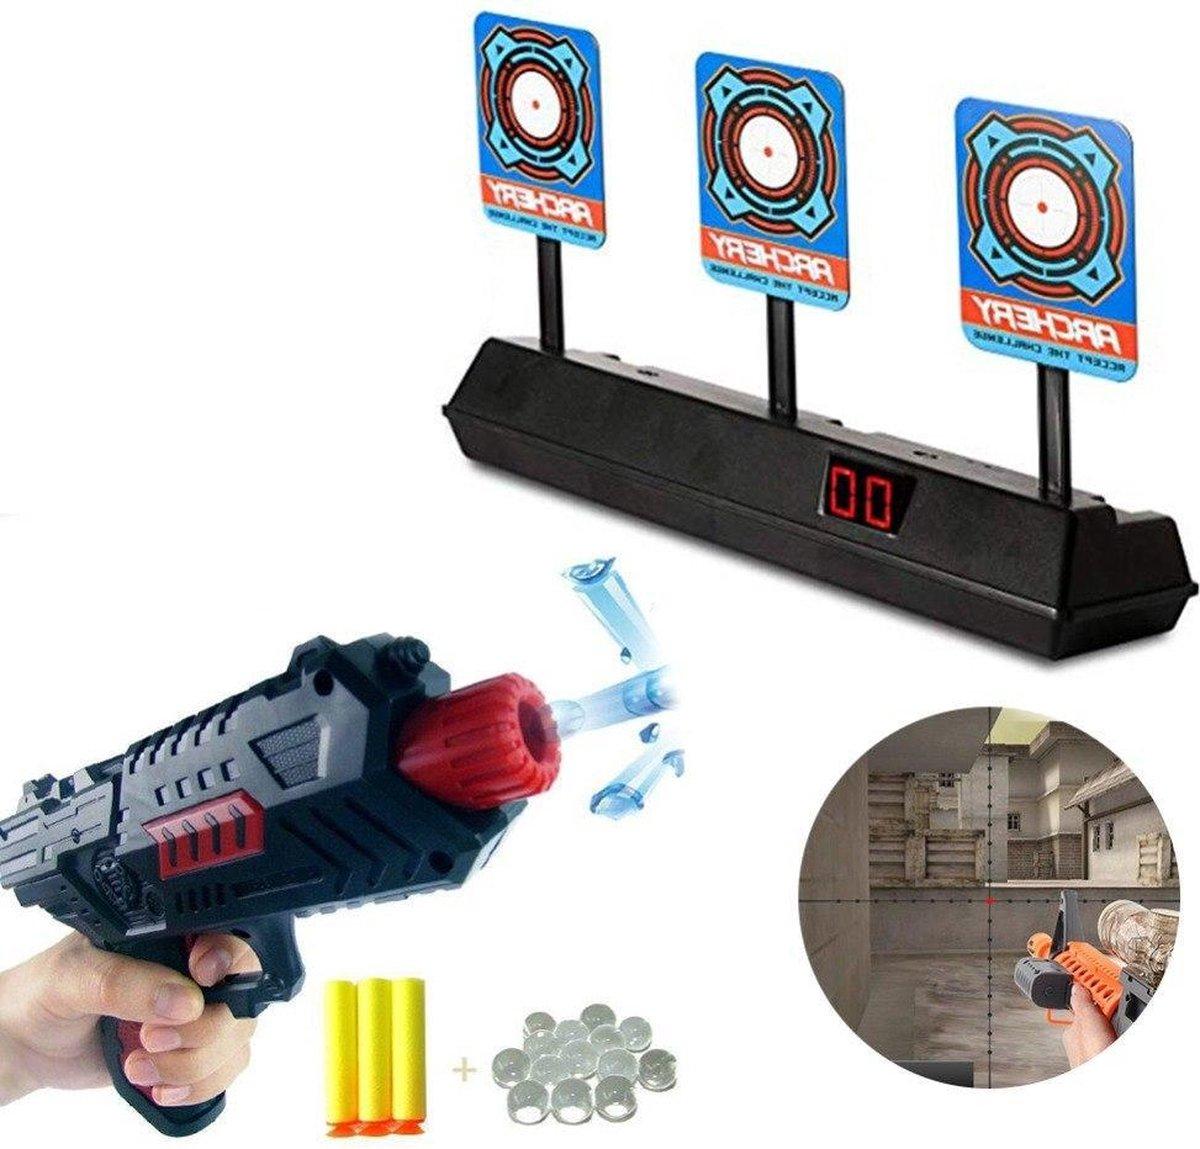 Elektrische Schietschijf Target - Geschikt Nerf Gun Schietspel Pistolen - Digitaal Doelwit Met Drie Schiet Targets - Met LCD Score Bord